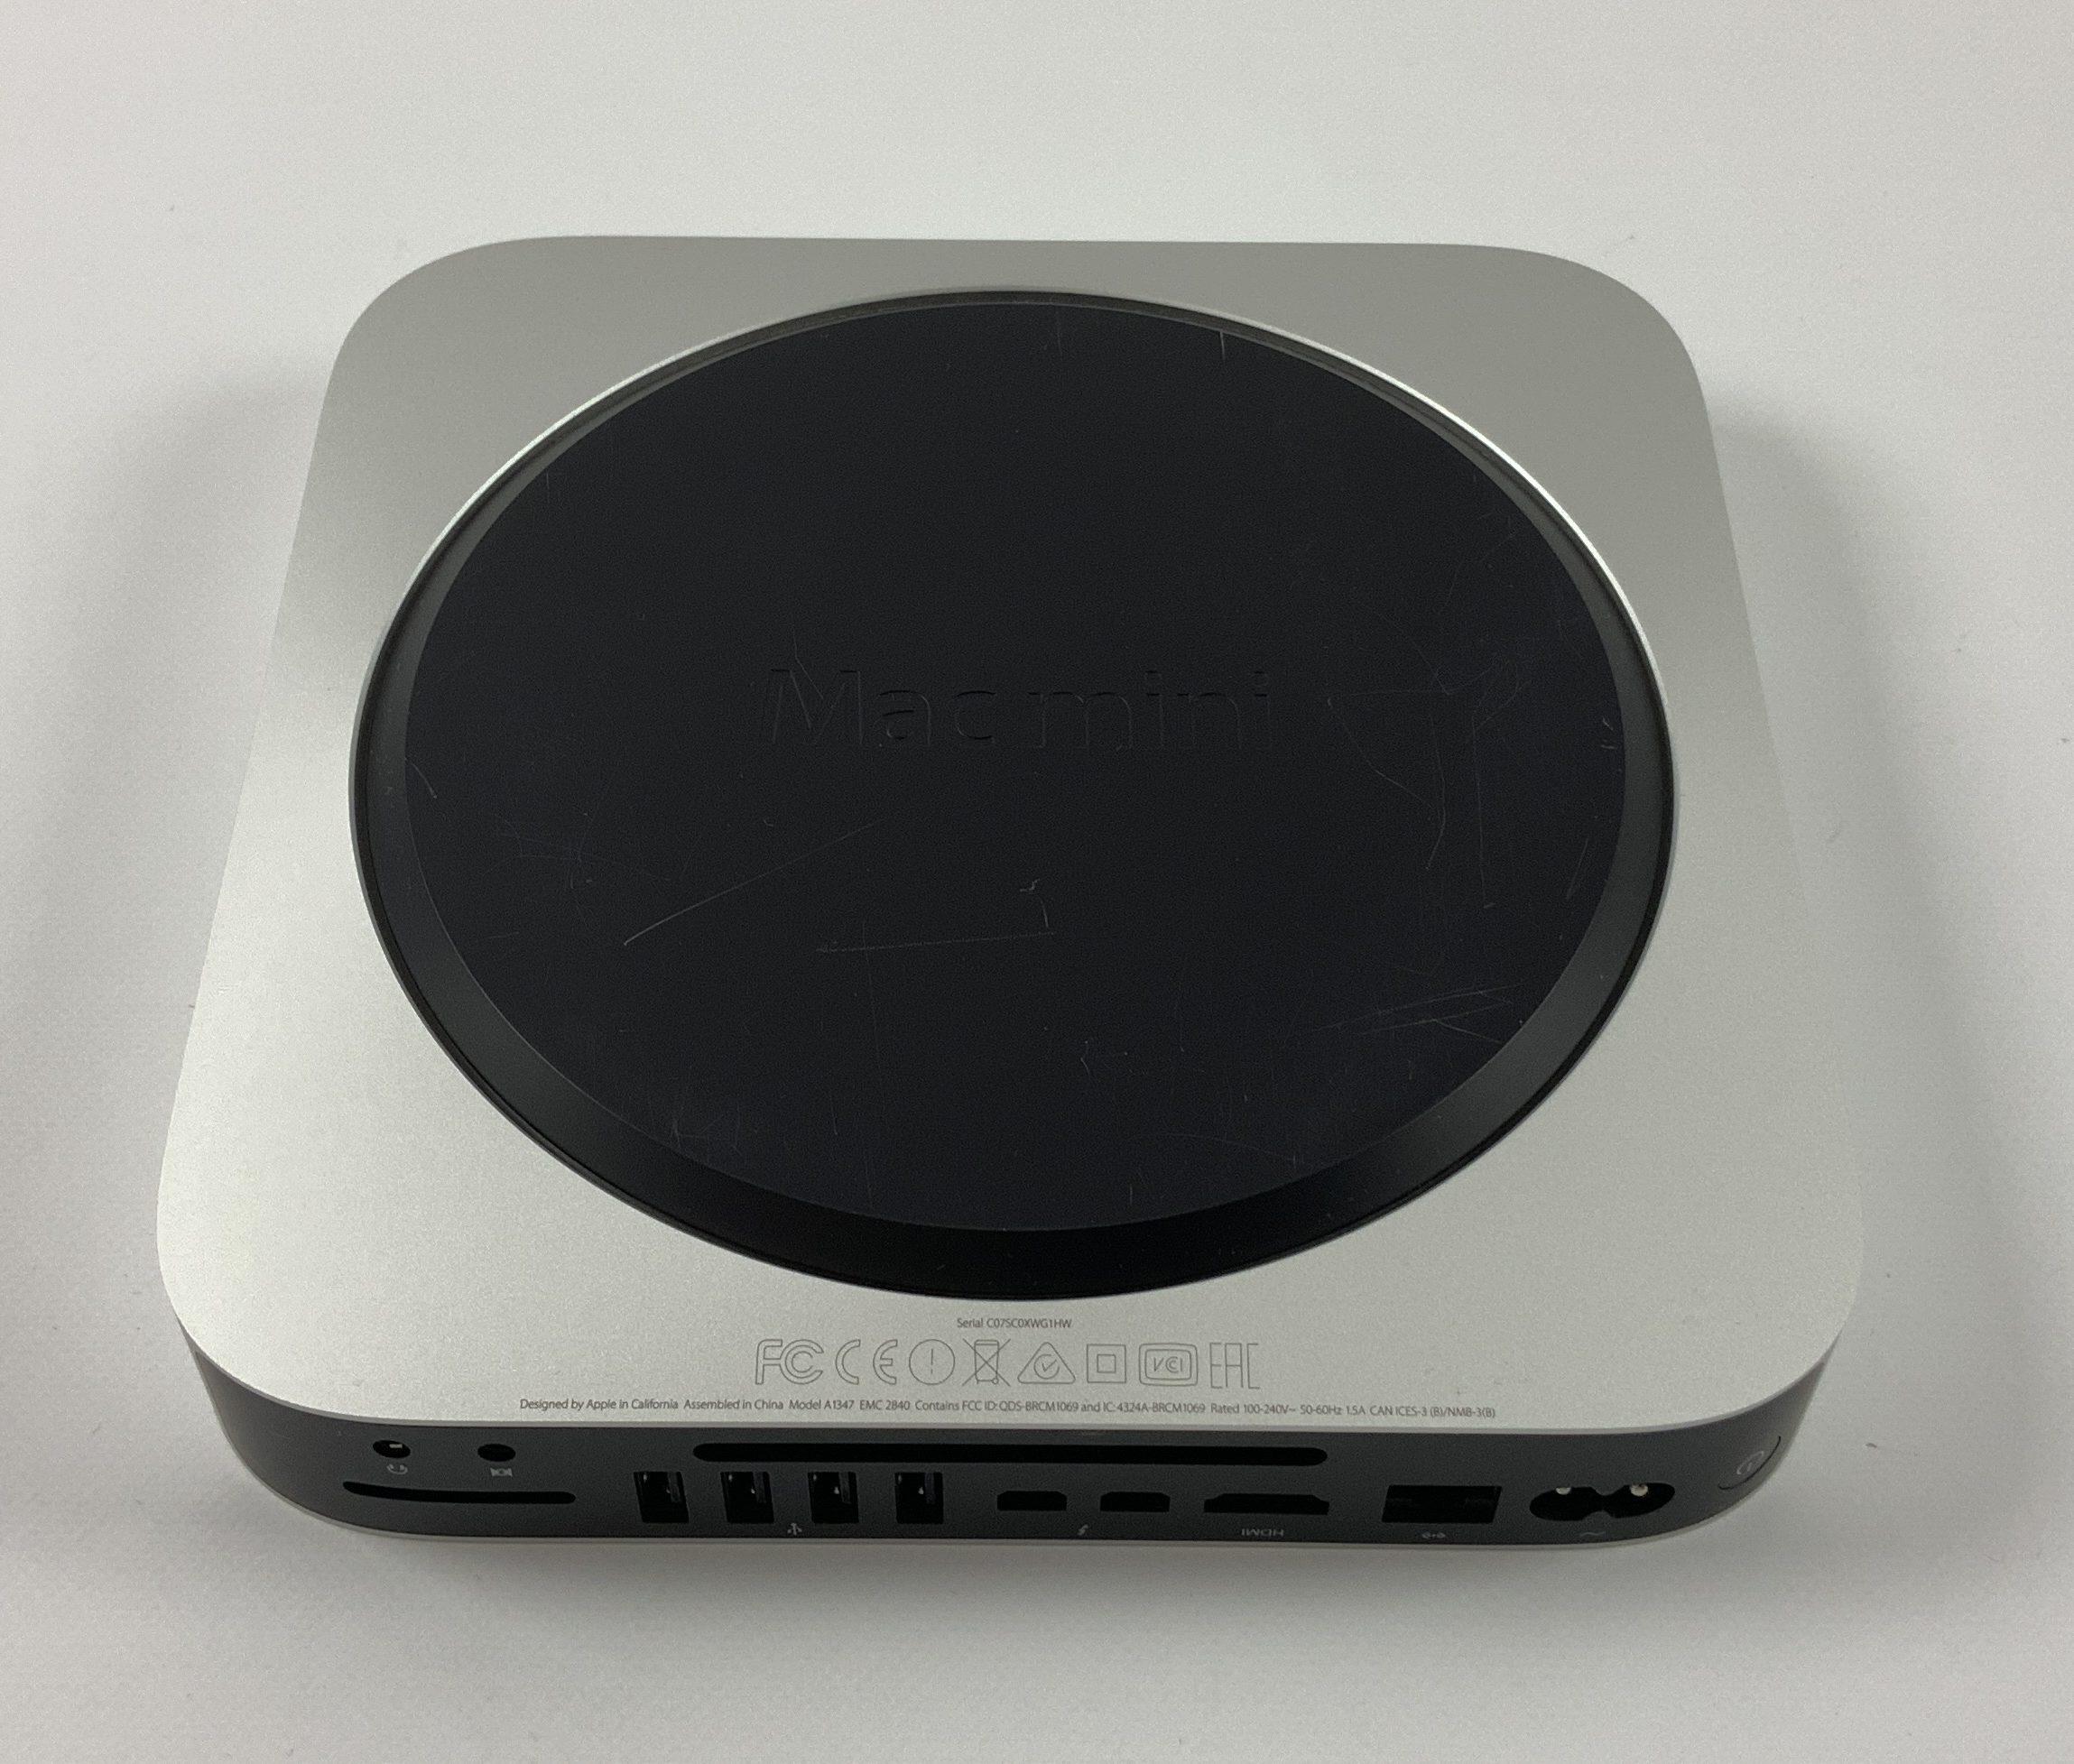 Mac Mini Late 2014 (Intel Core i5 2.6 GHz 8 GB RAM 1 TB HDD), Intel Core i5 2.6 GHz, 8 GB RAM, 1 TB HDD, imagen 2